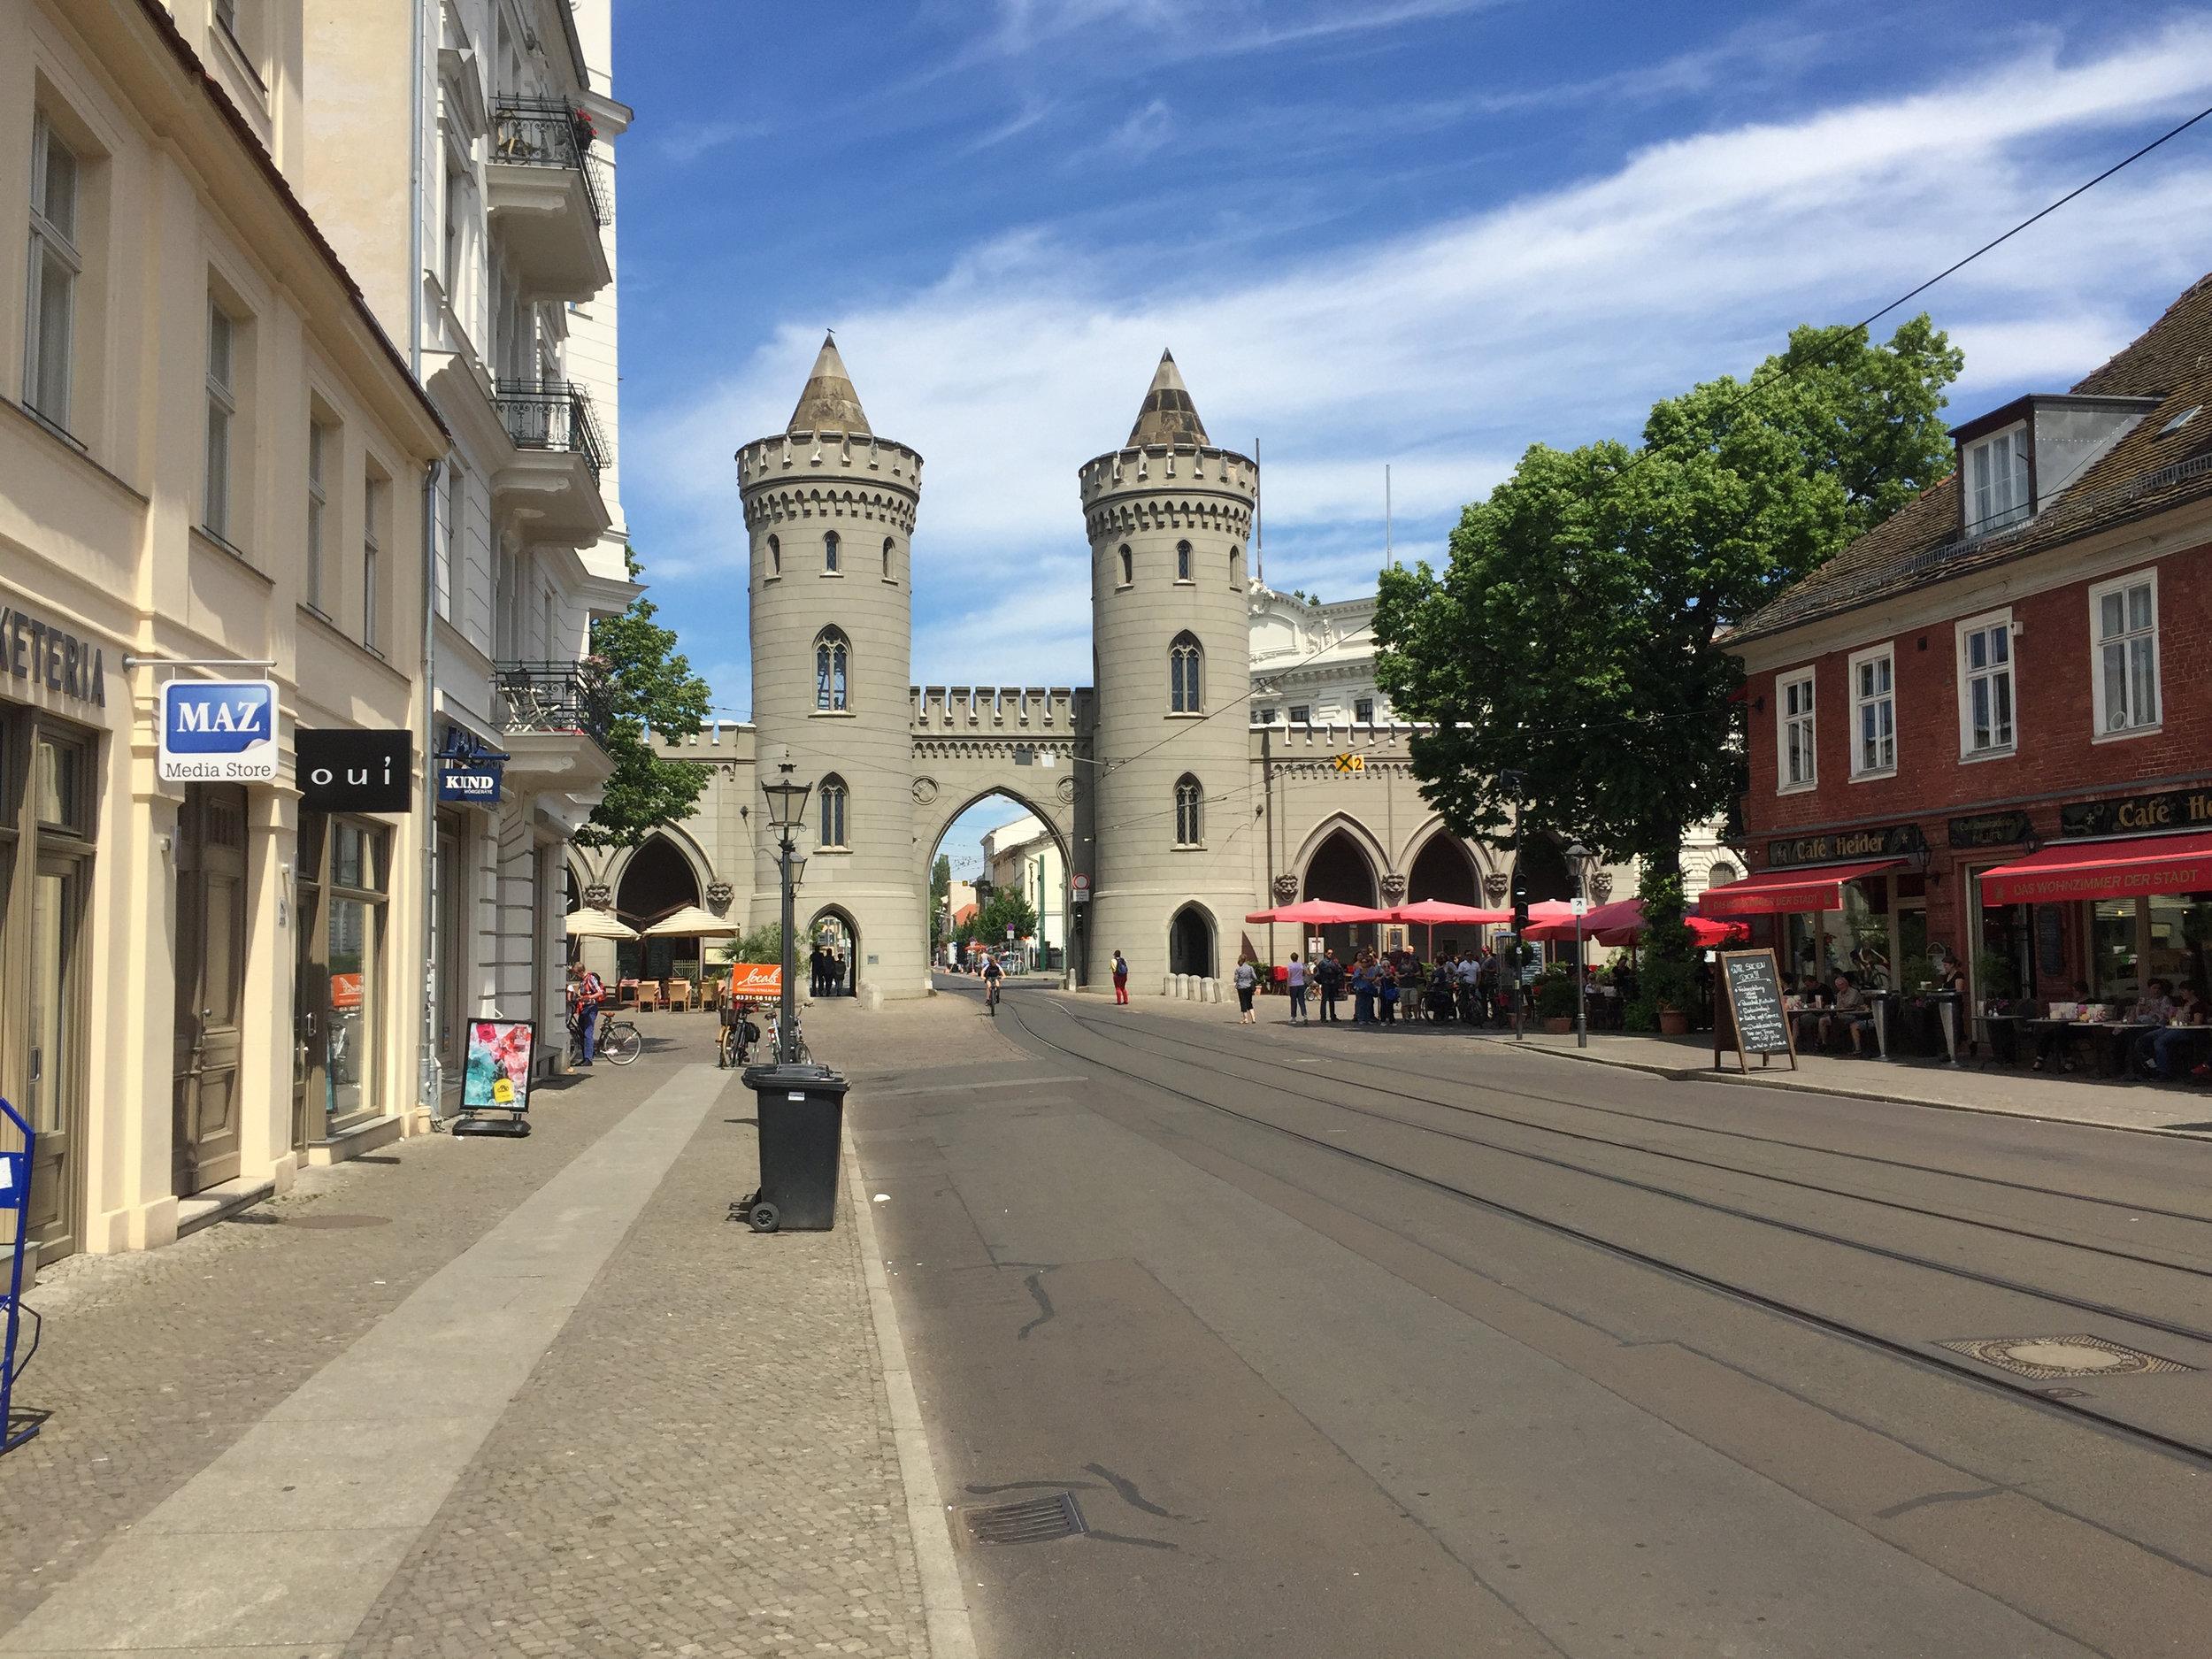 Rodney Reider -- International travel to Czech Republic and Germany